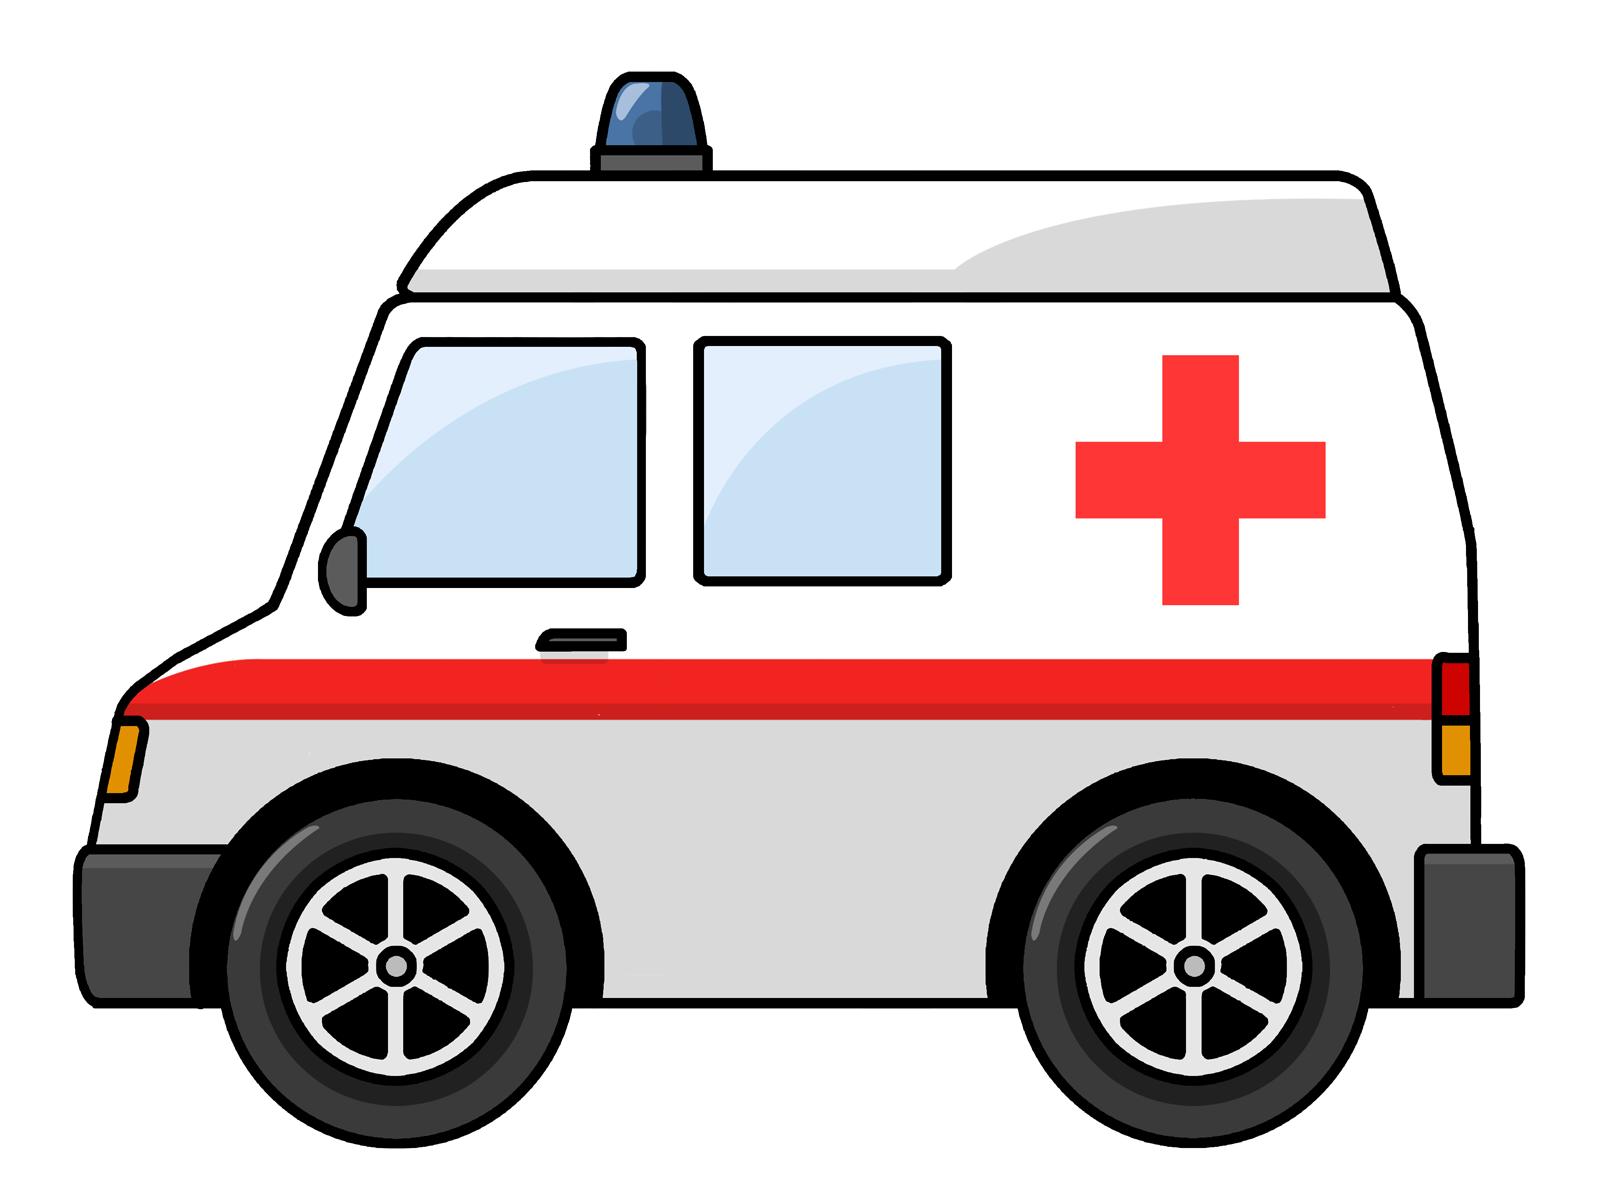 गाउँपालिकाकी उपाध्यक्षको तारिफयोग्य काम: सवारीसाधन खरीद गर्ने बजेटले एम्बुलेन्स